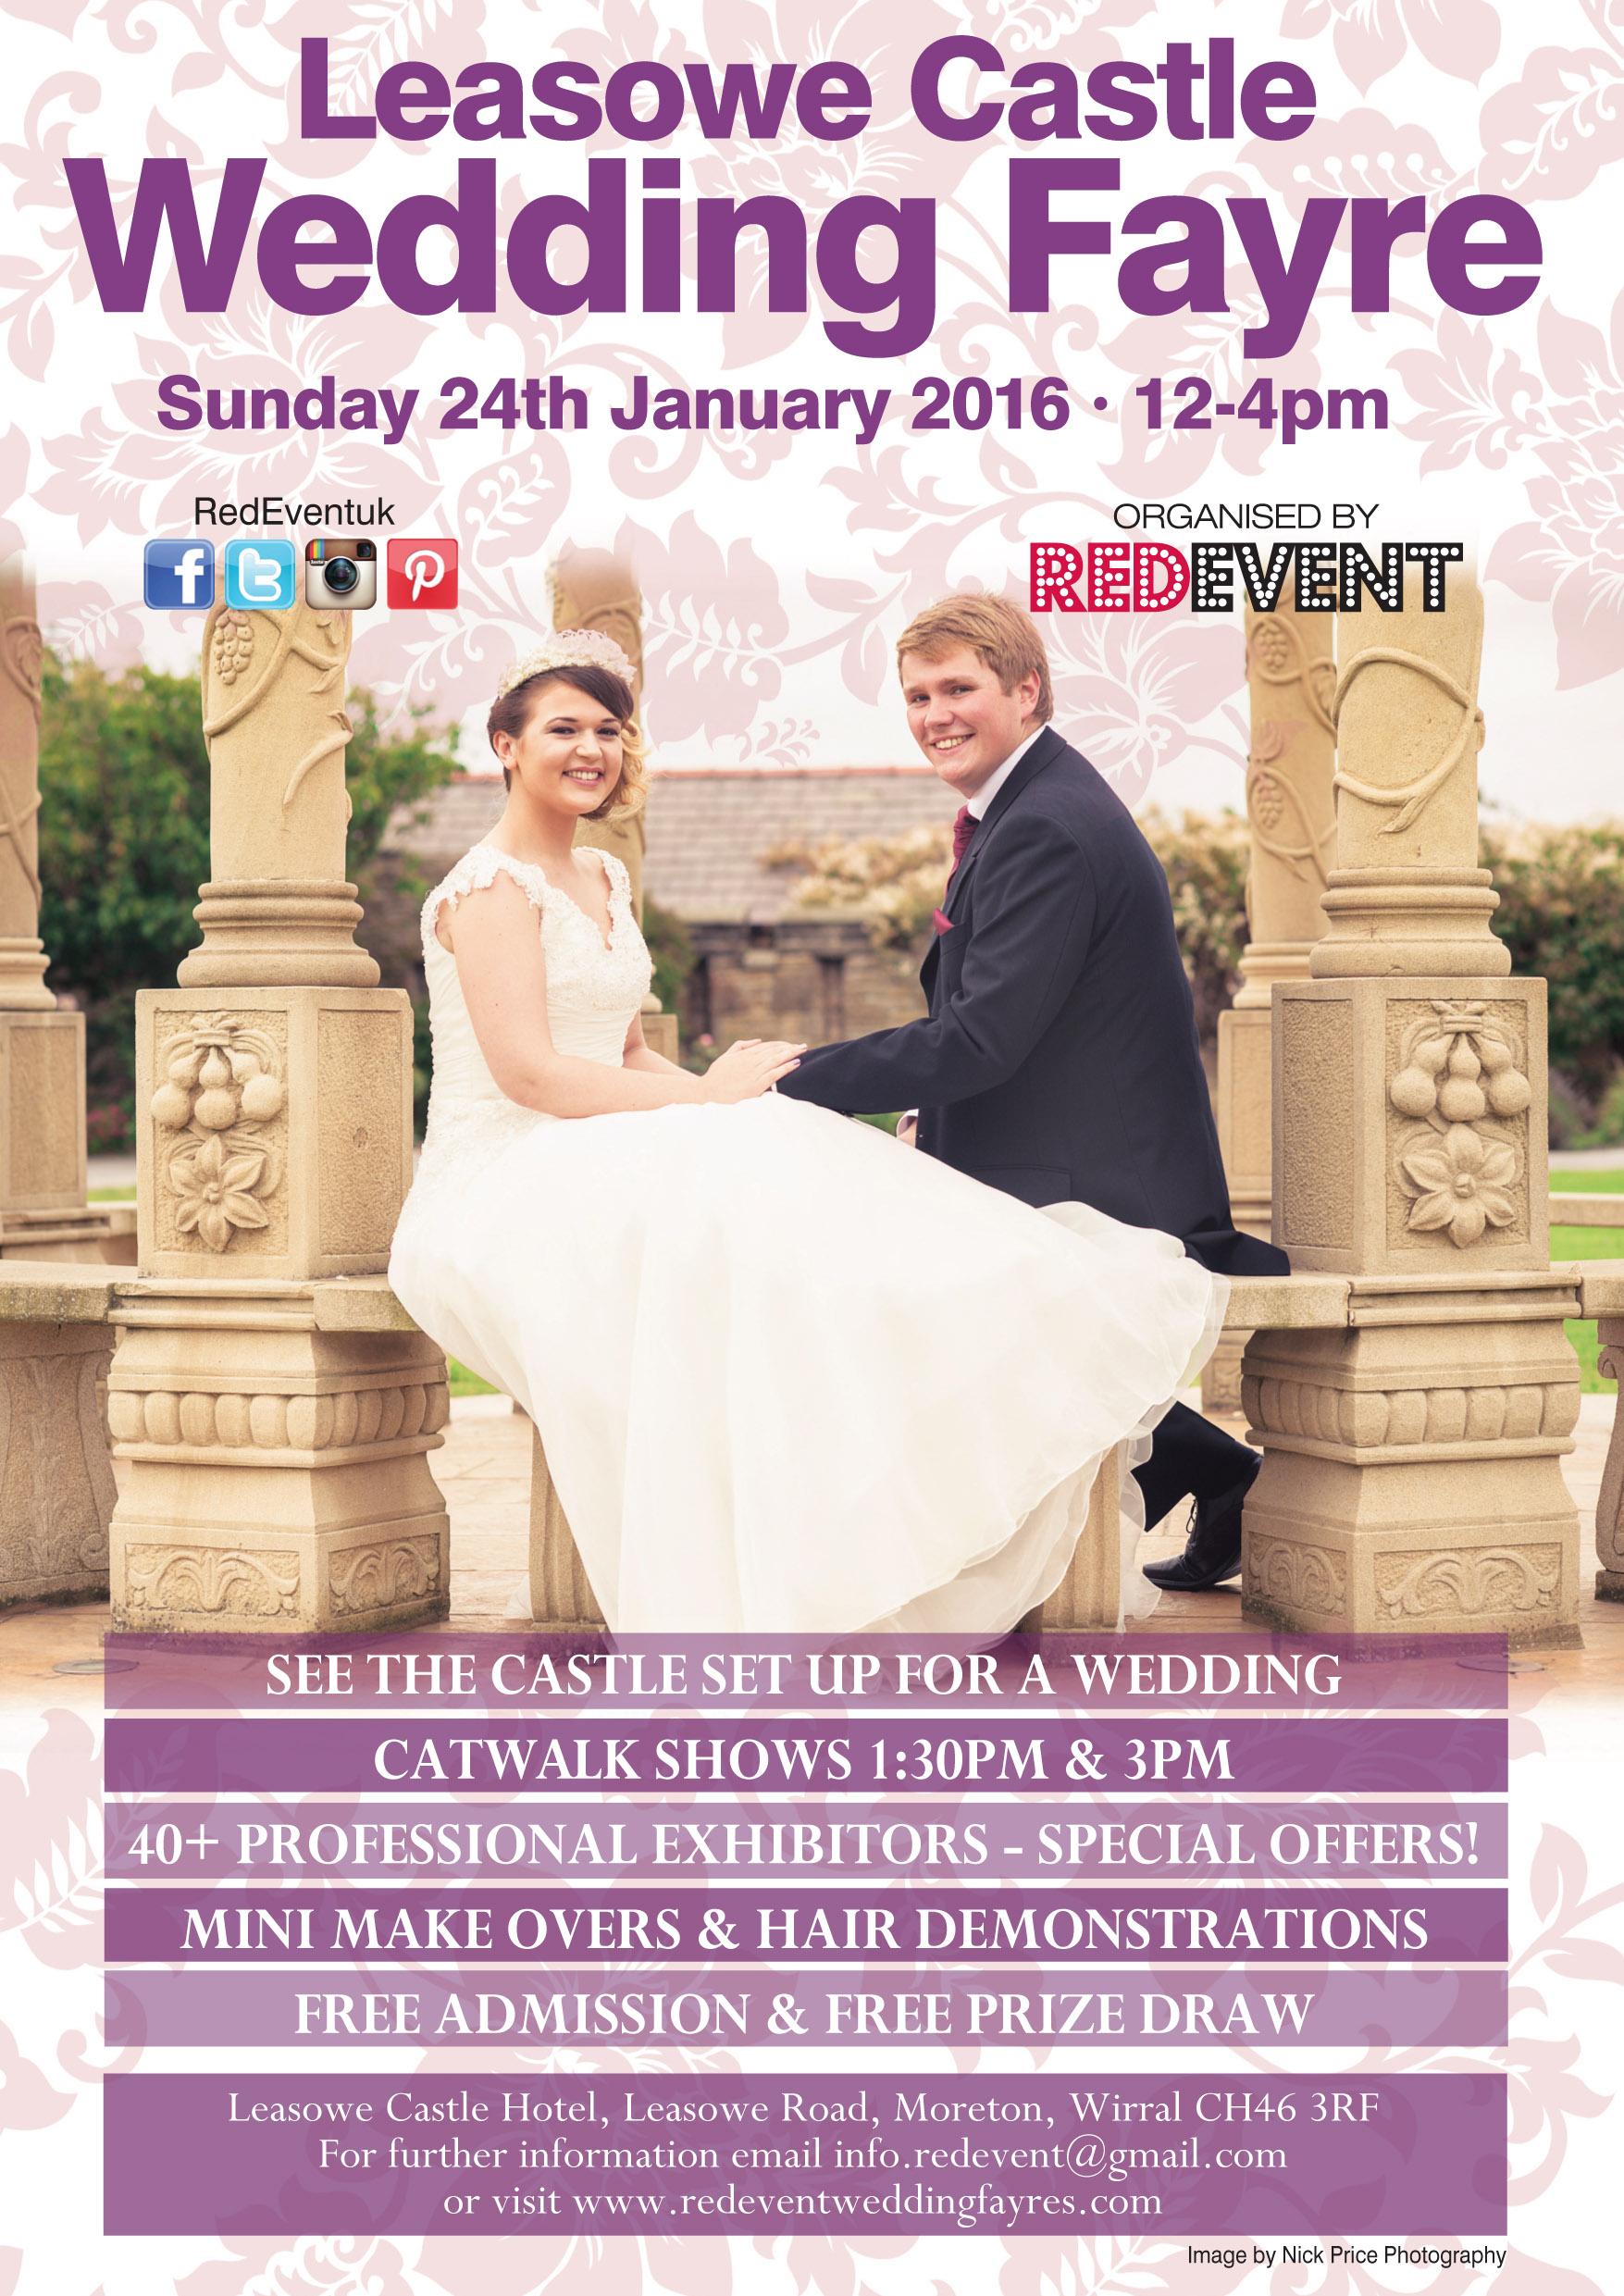 Leasowe Castle Wedding Fayre